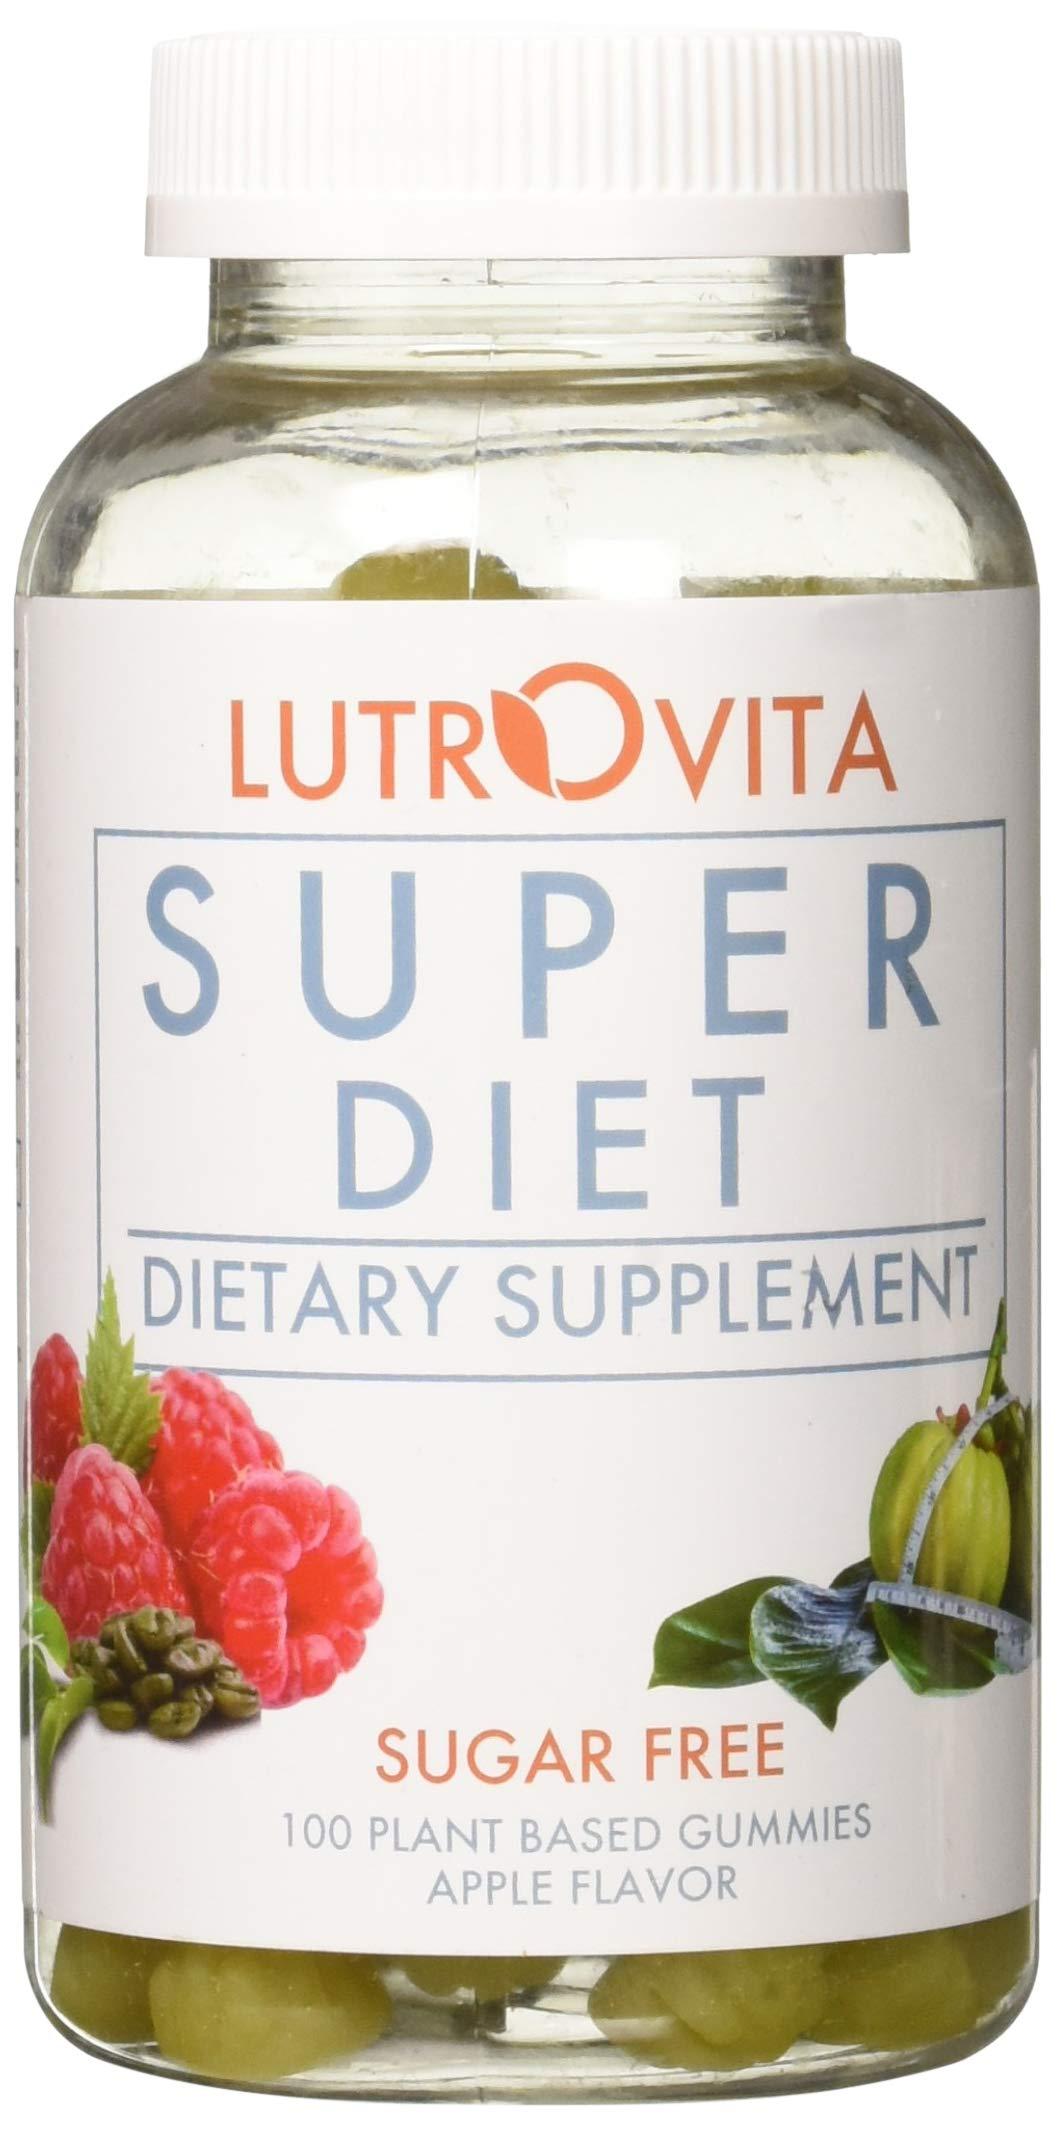 Lutrovita Sugar Free Super Diet Gummy, Apple, 100 Count